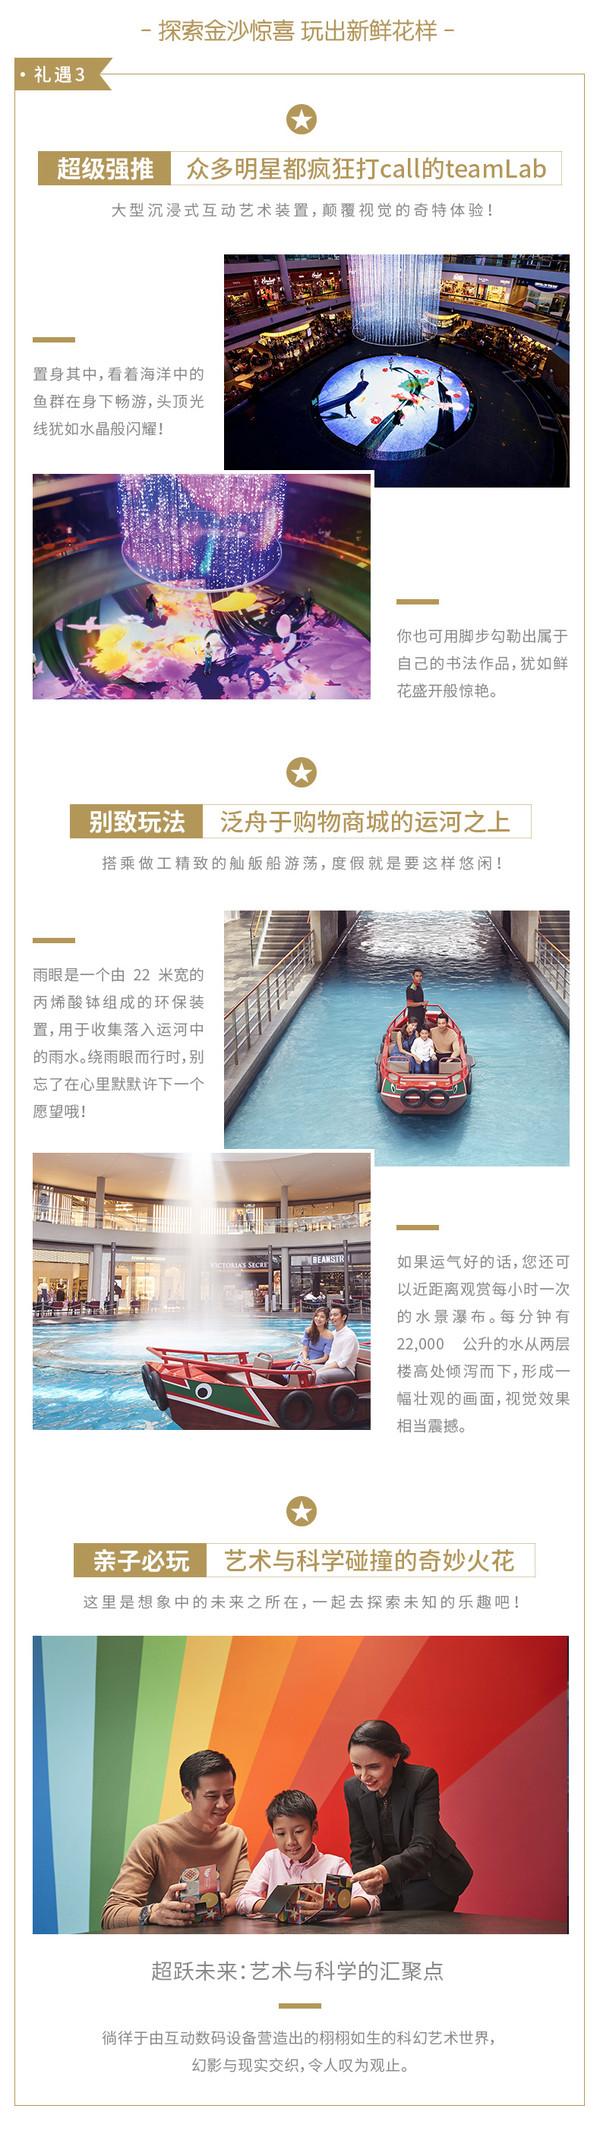 城市云端俯瞰、解锁无边泳池!新加坡滨海湾金沙酒店 豪华房1晚(早餐/下午茶/门票3选1)